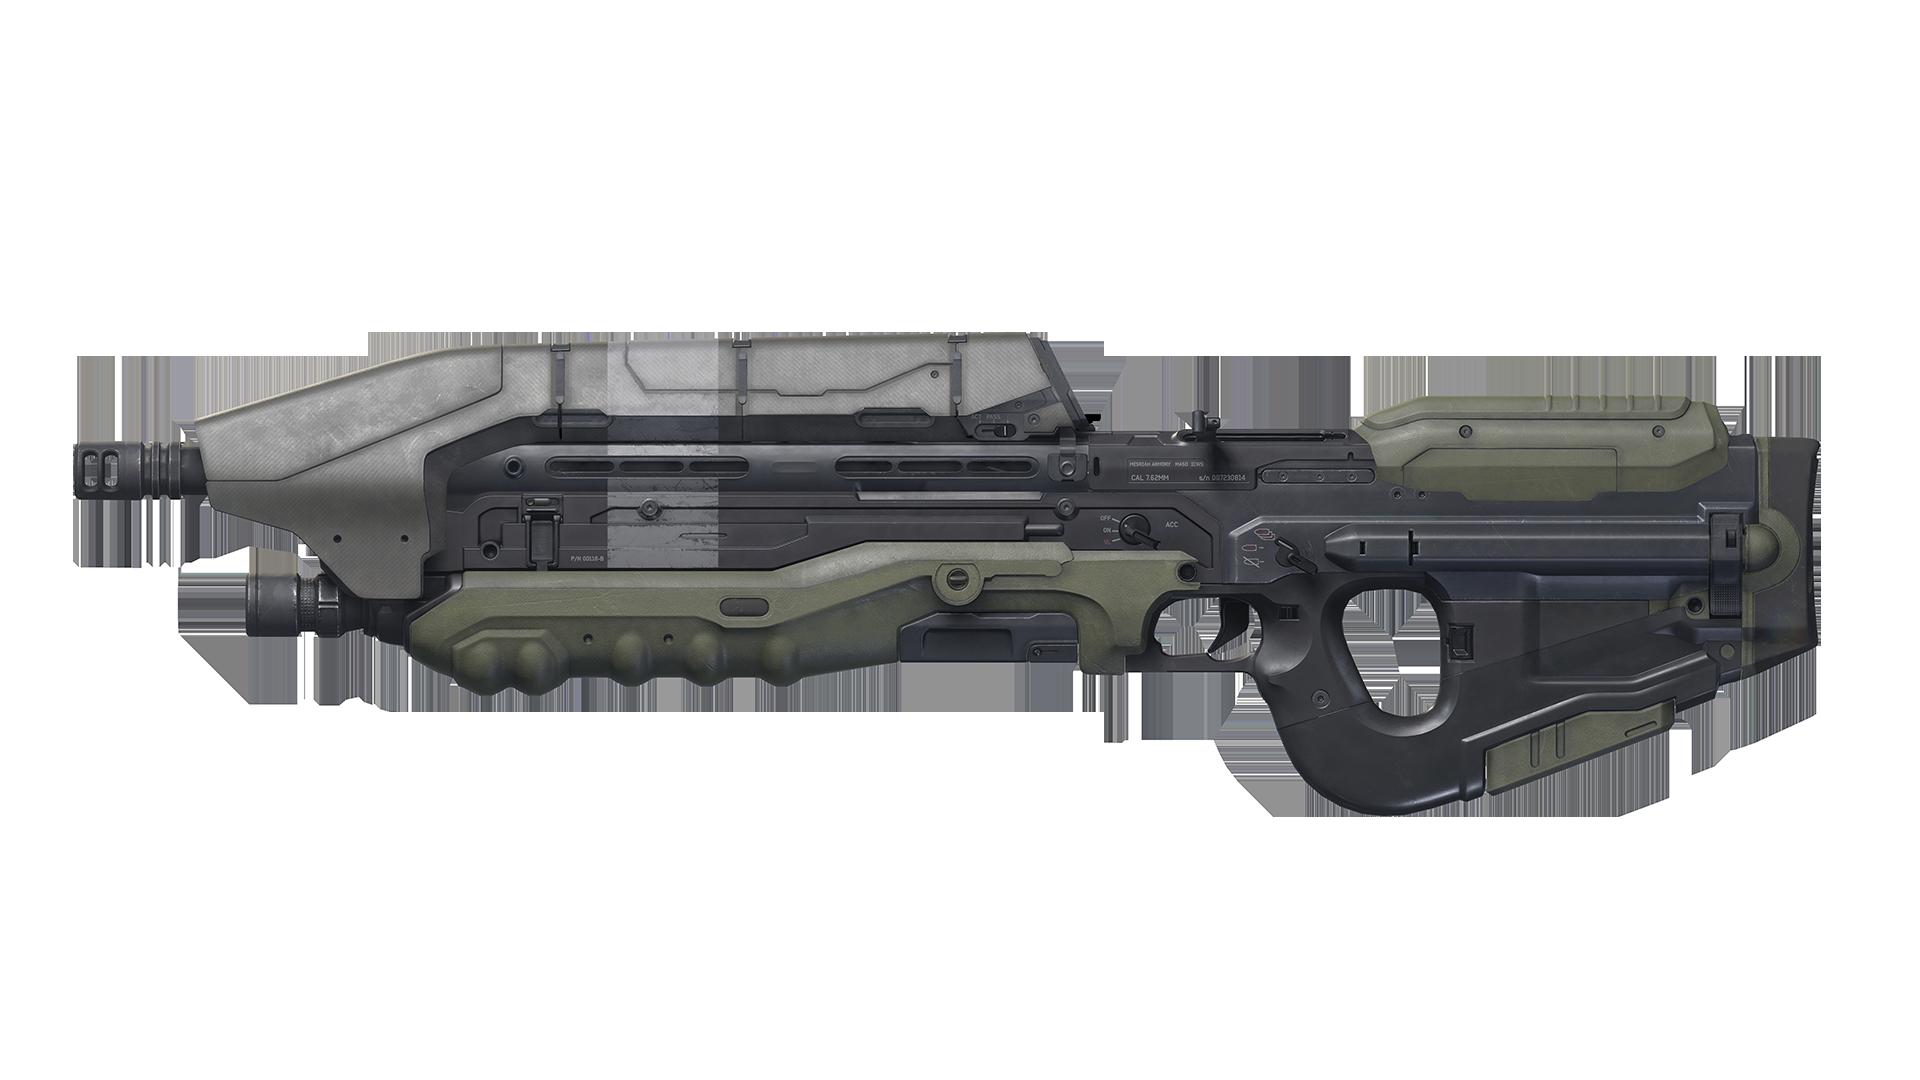 h5-guardians-render-assault-rifle-cdd3b1